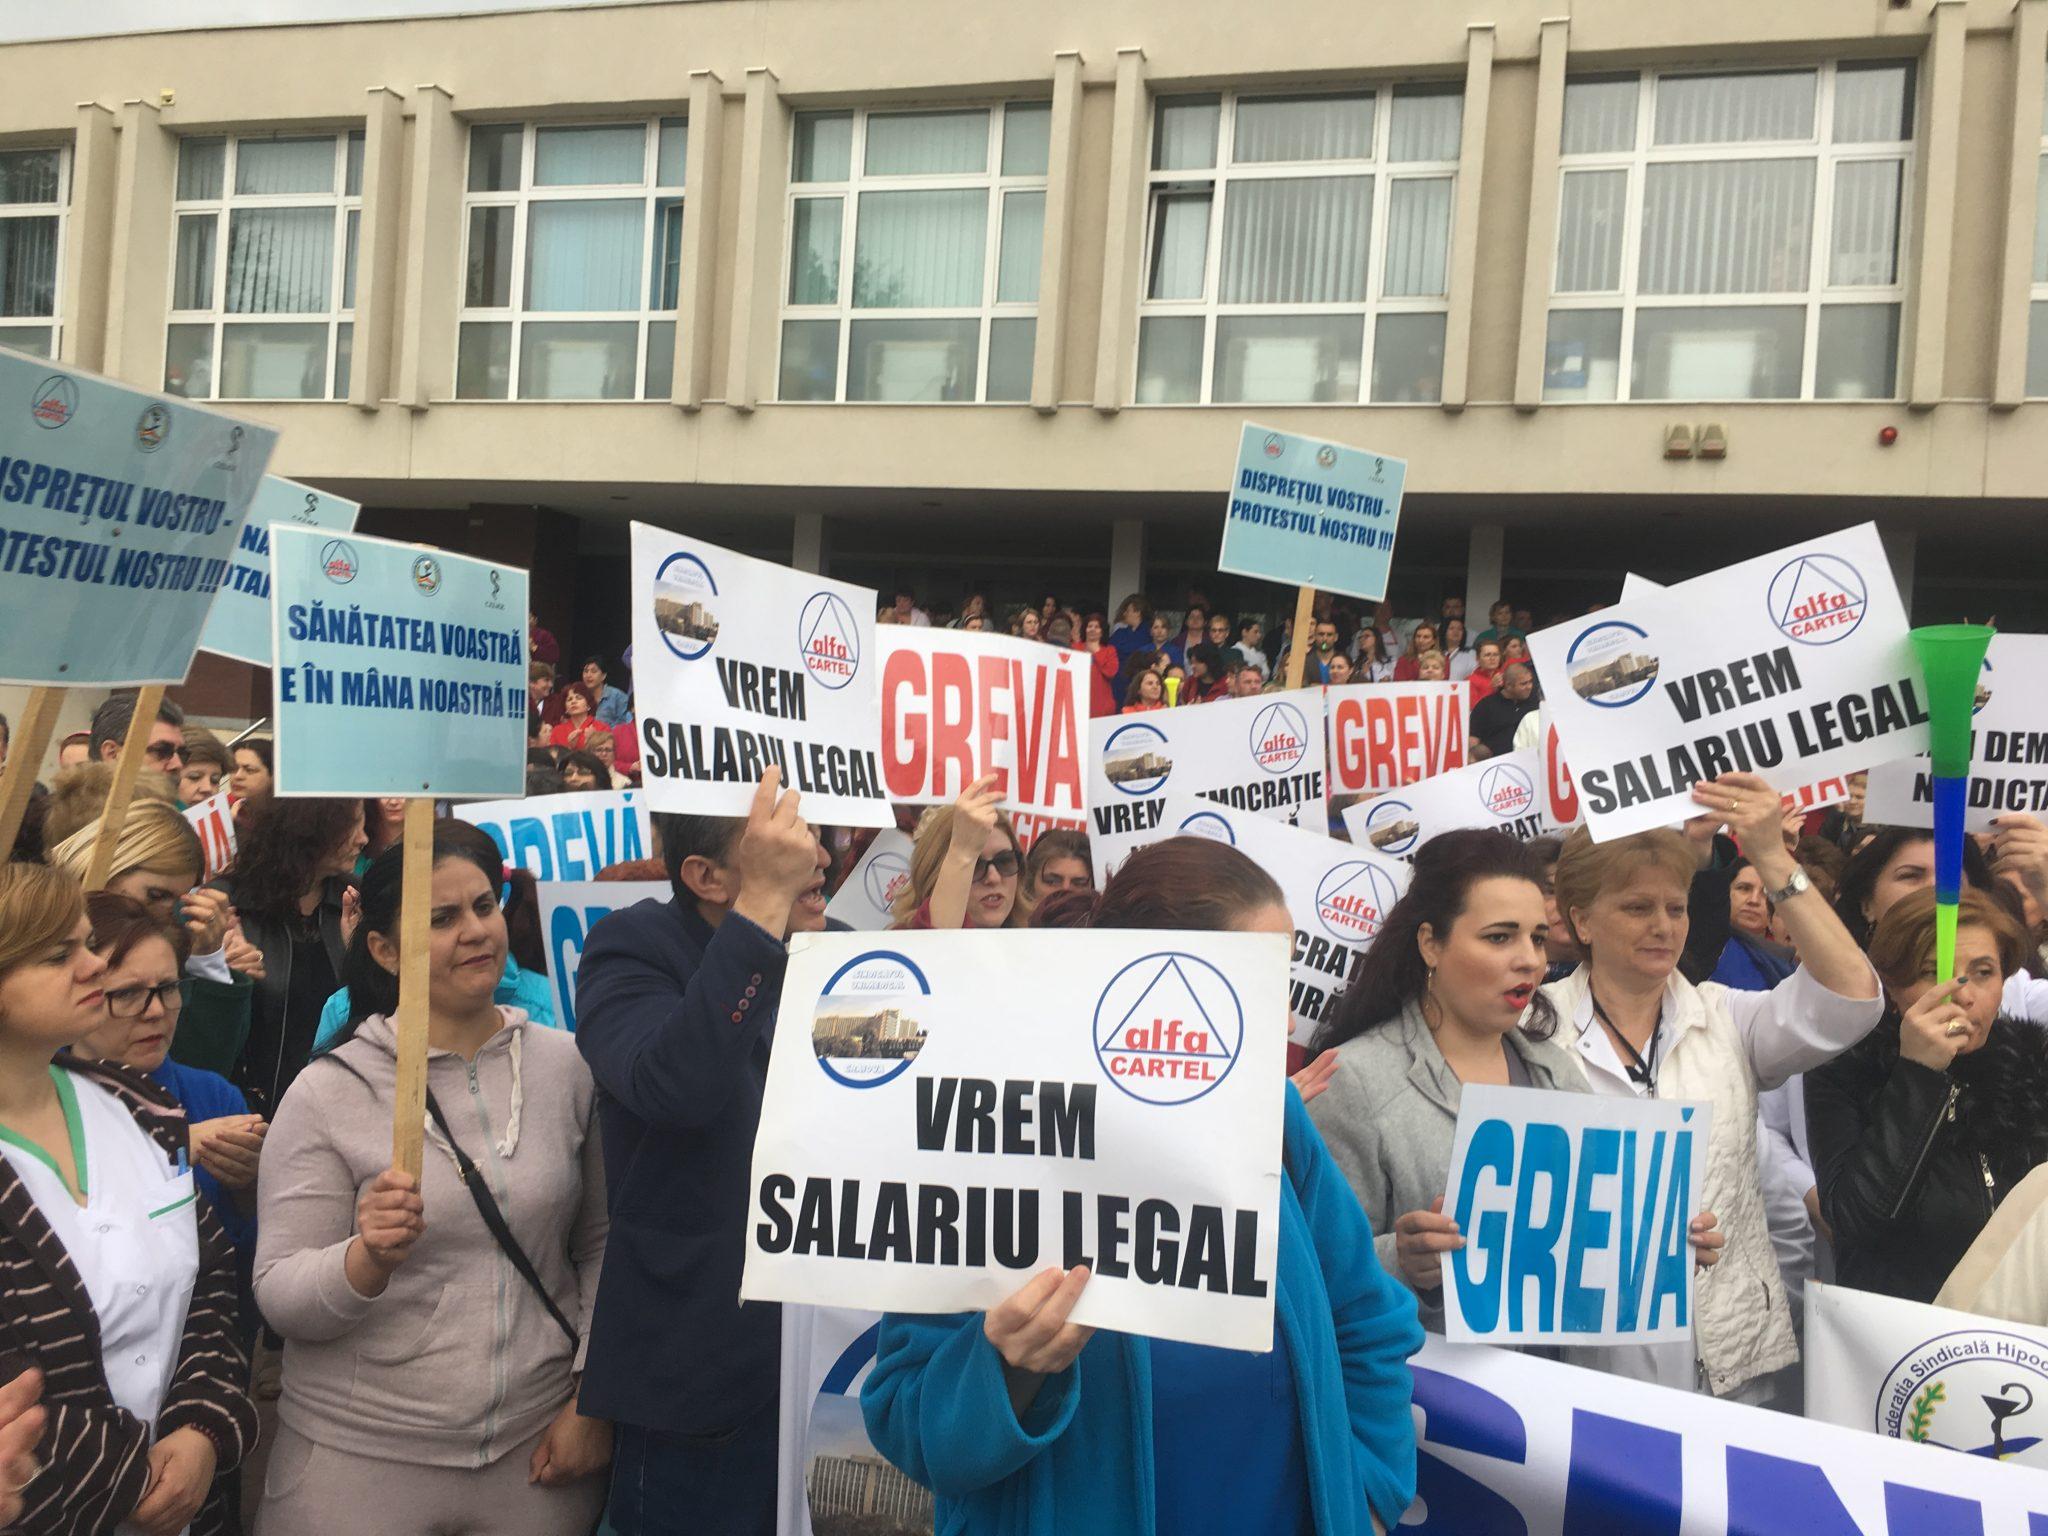 Angajații SJU Craiova protestează din nou